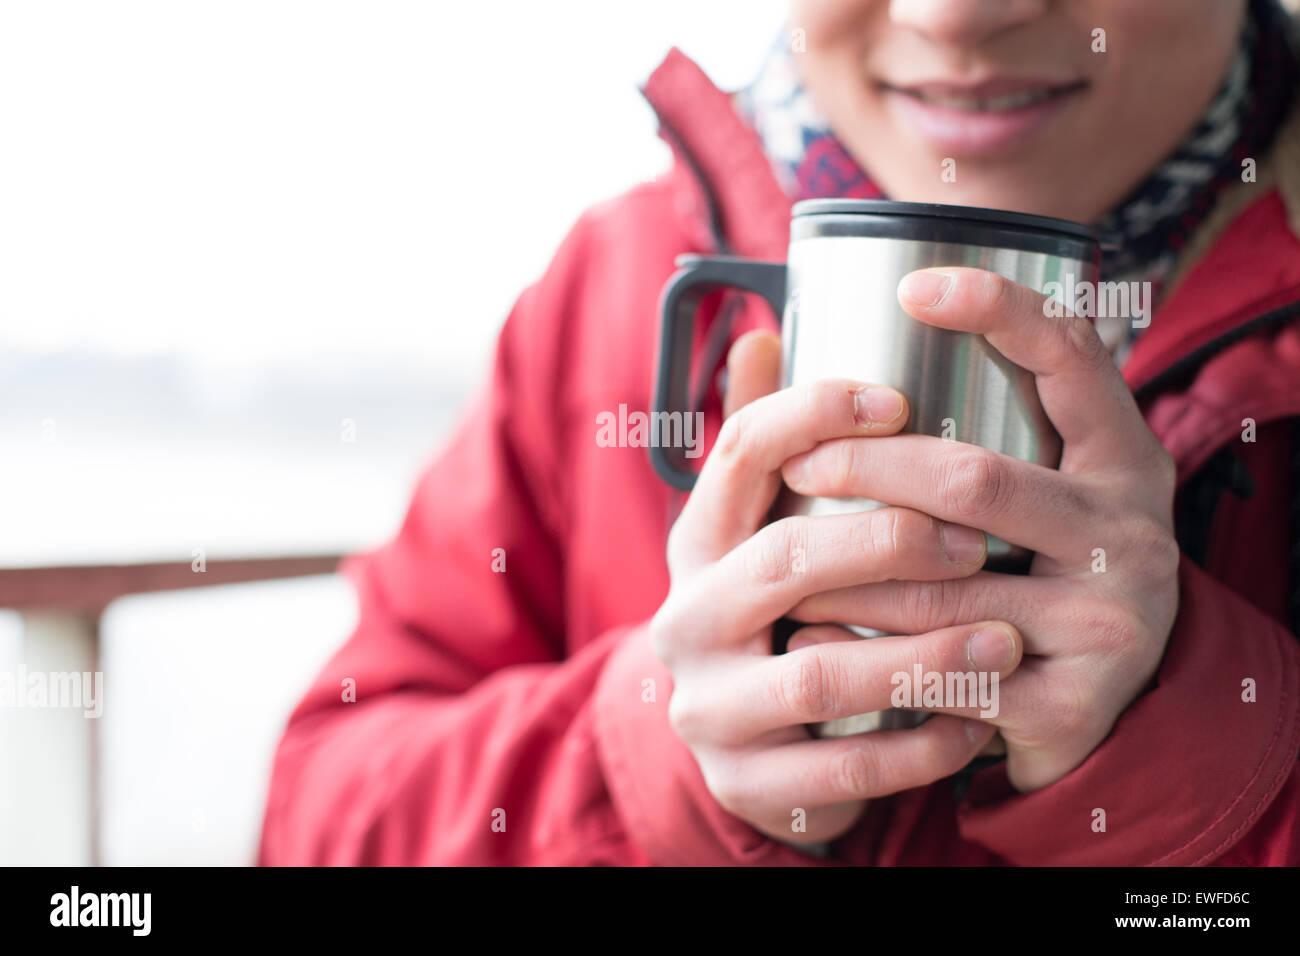 Mittelteil des Menschen halten isoliert Getränkeverpackung im winter Stockbild